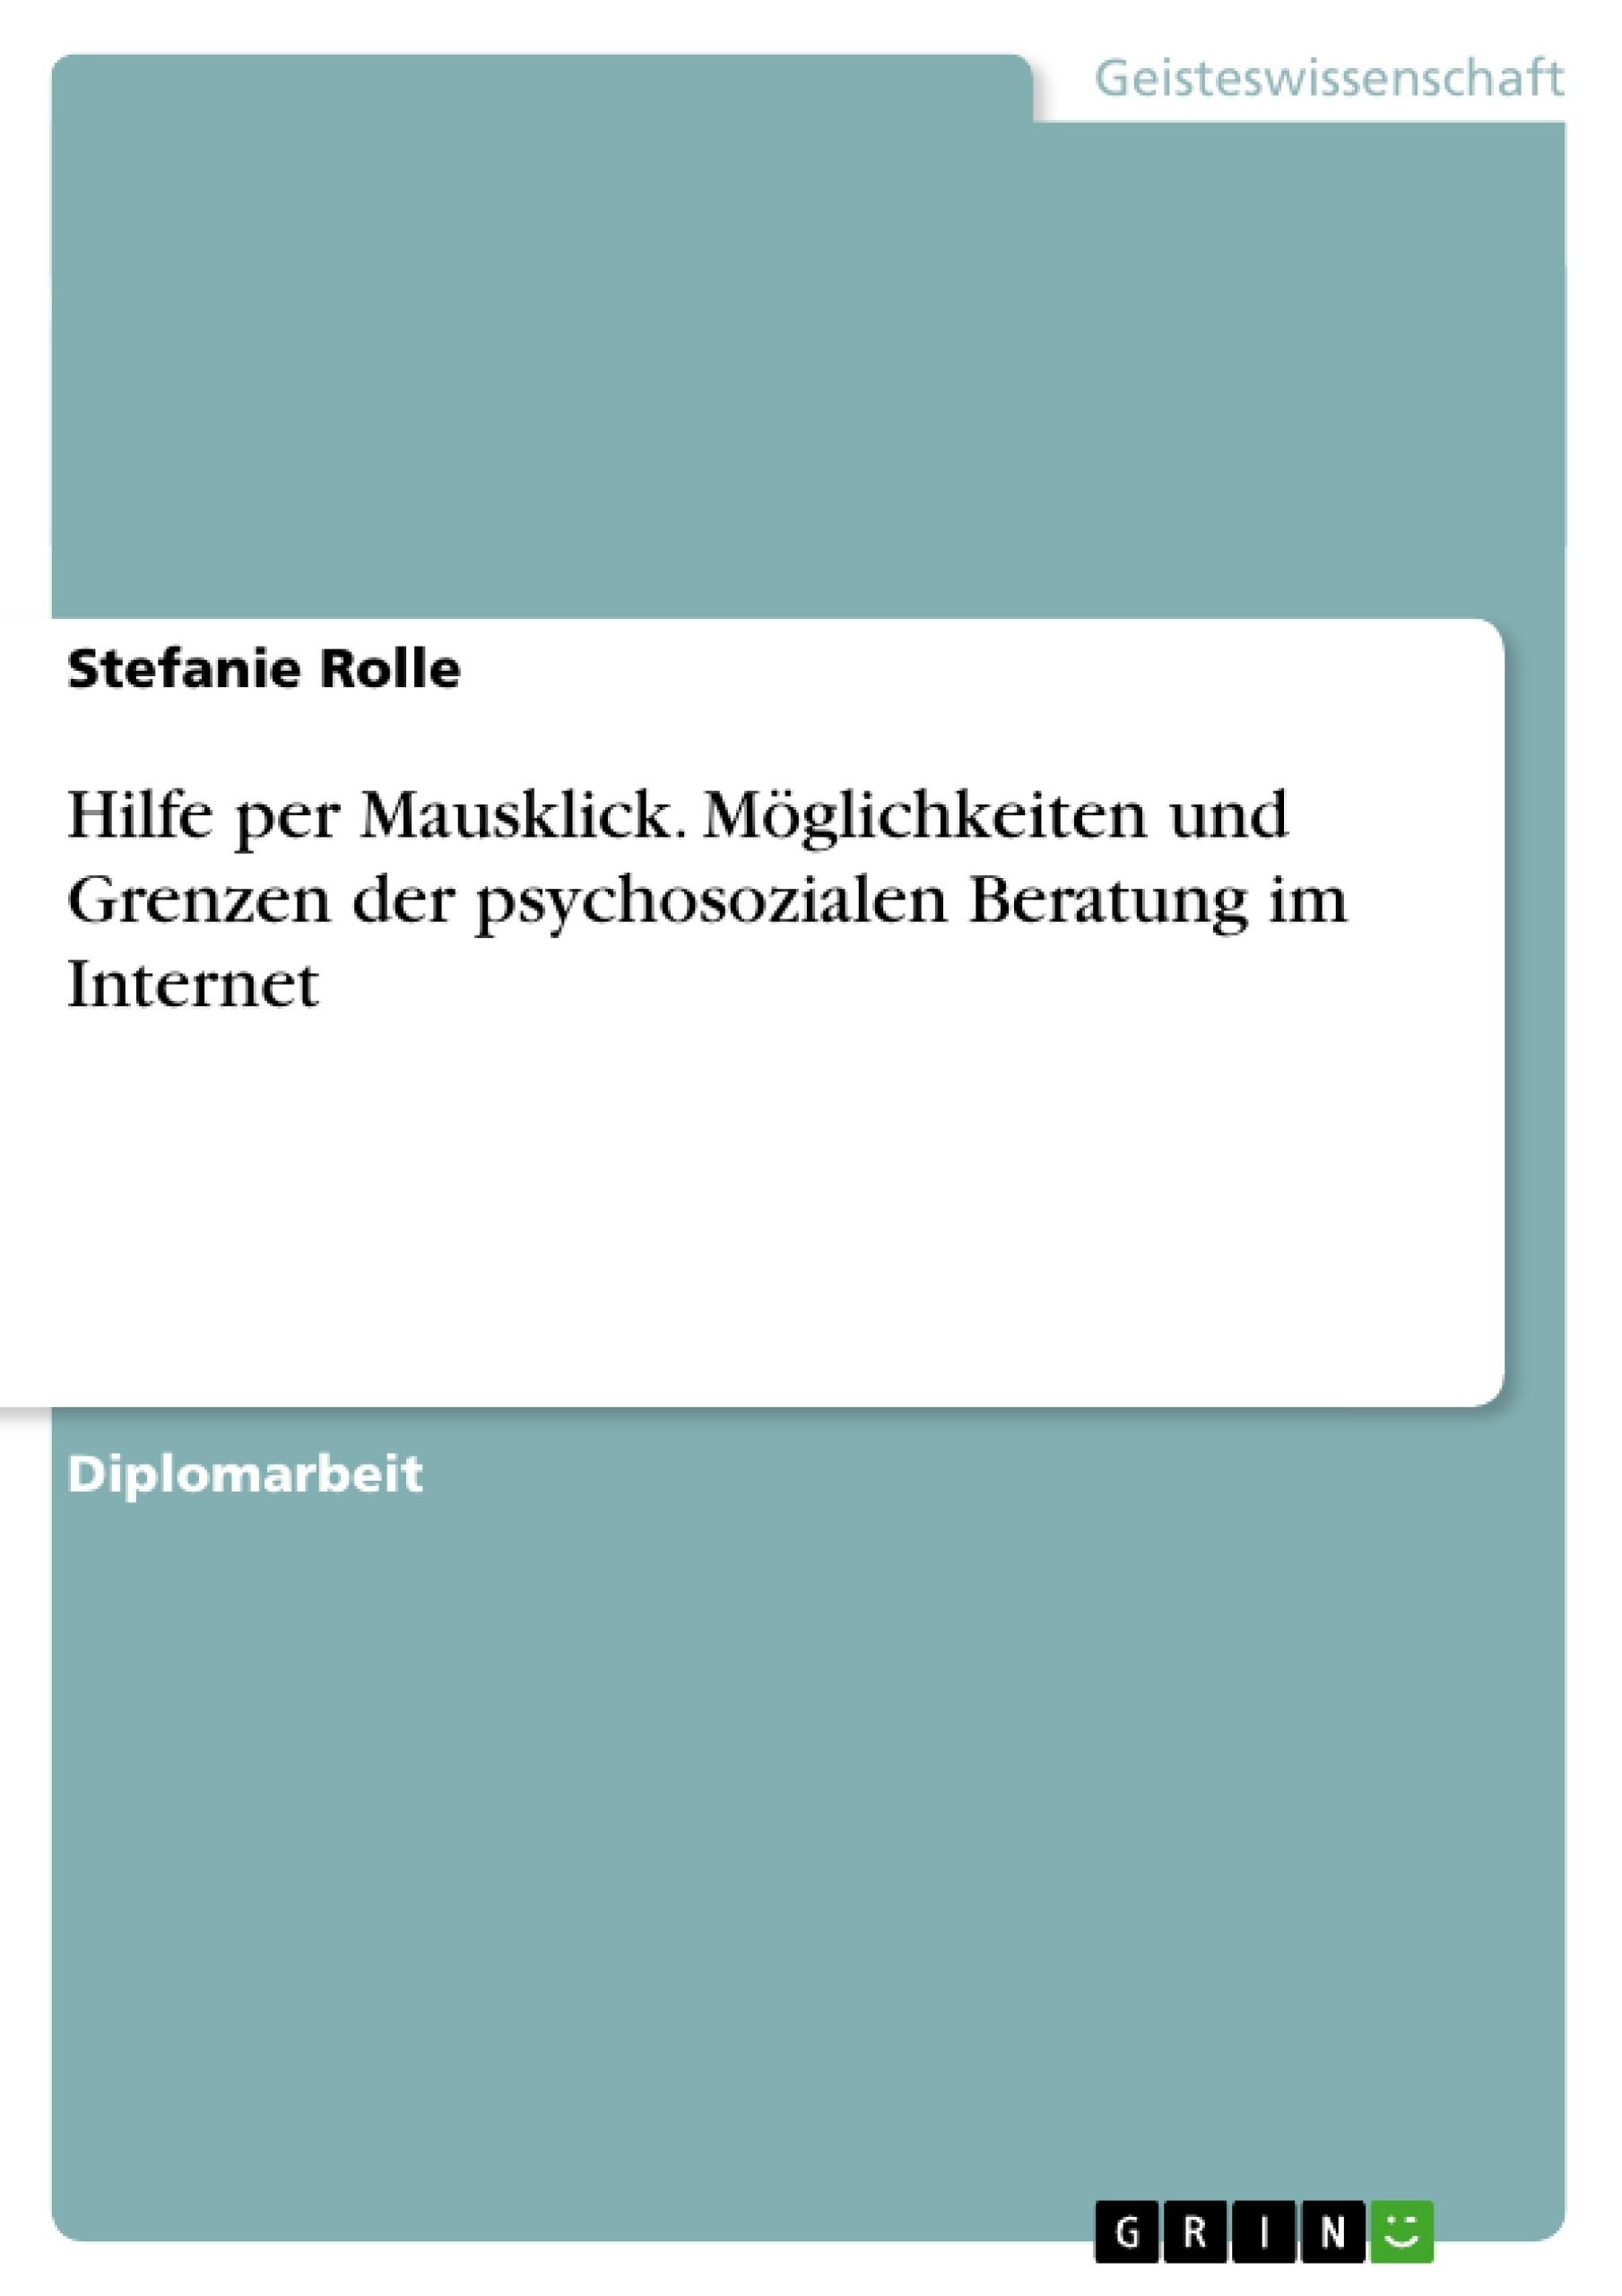 Titel: Hilfe per Mausklick. Möglichkeiten und Grenzen der psychosozialen Beratung im Internet